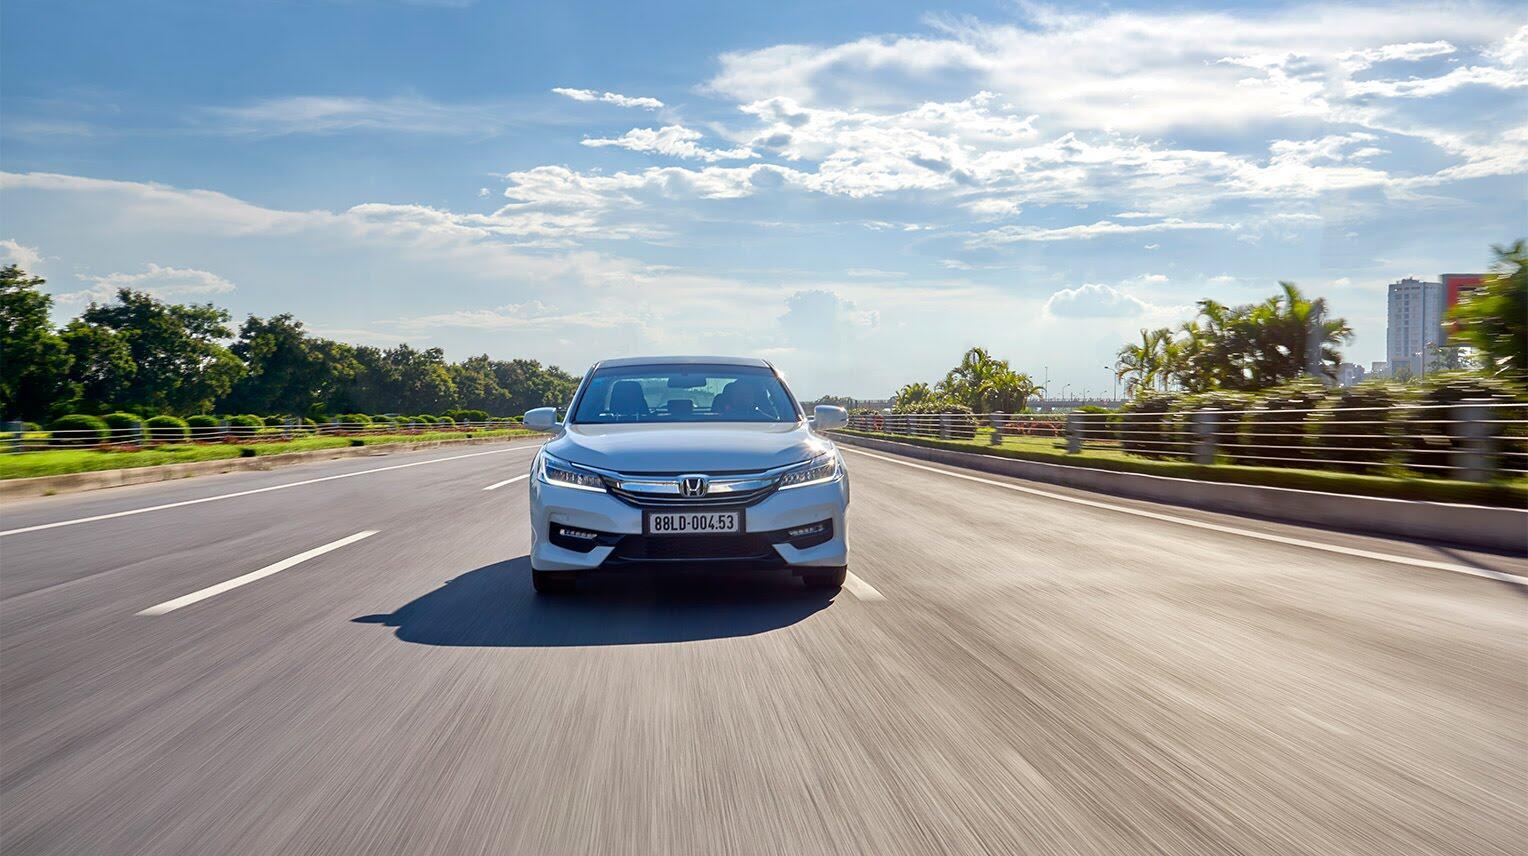 Đánh giá Honda Accord 2016: Ưa nhìn hơn, trang bị tốt hơn và lái phấn khích hơn - Hình 30